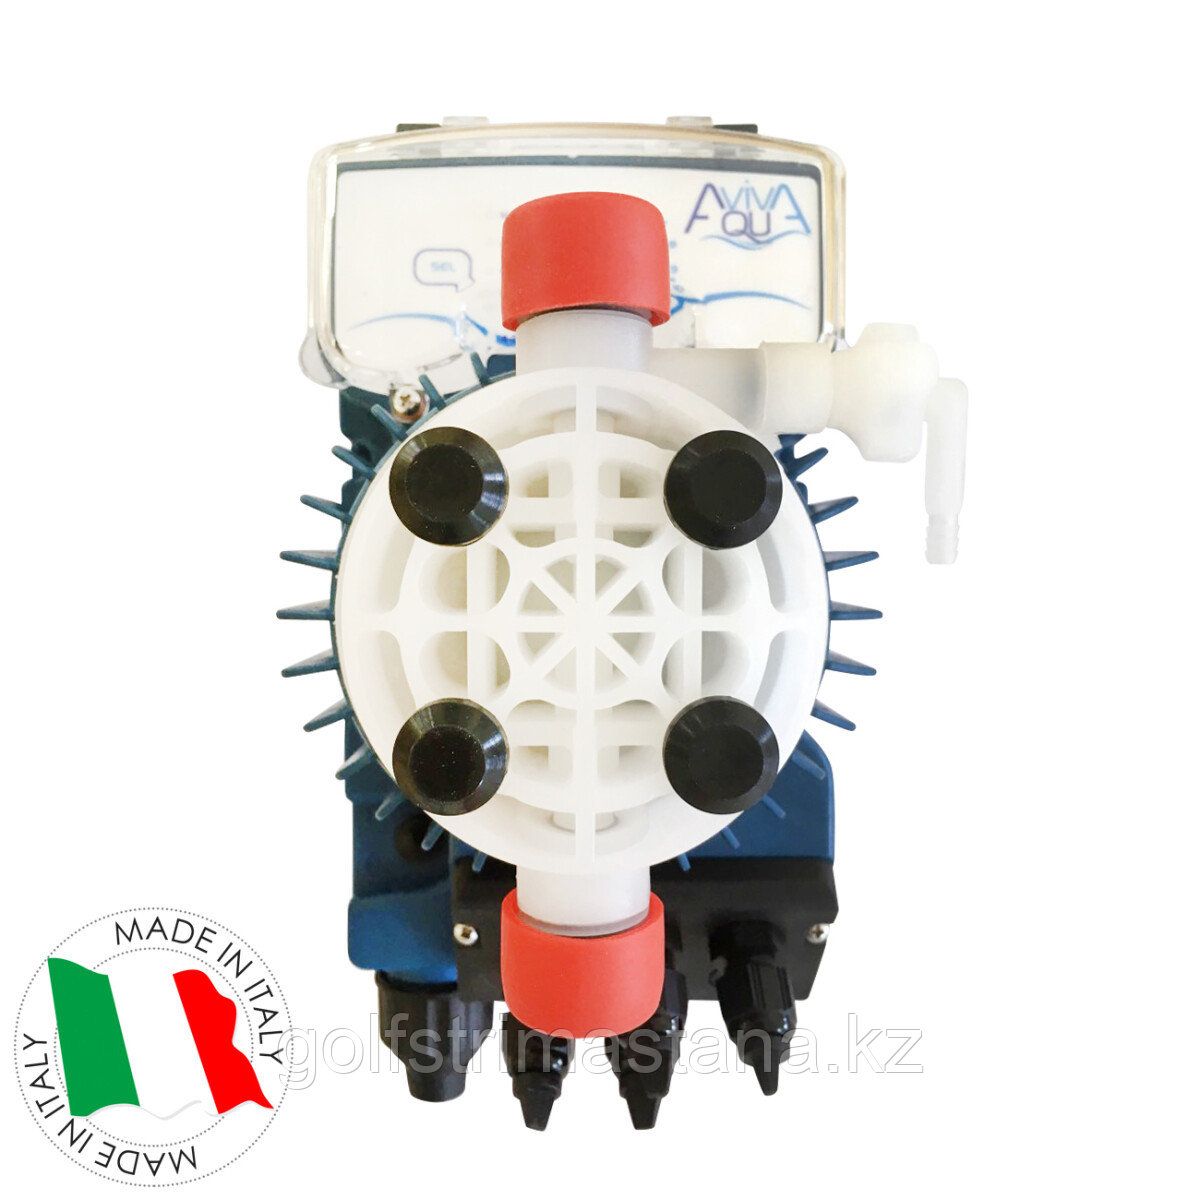 Дозирующий насос AquaViva APG800 универсальный / 15 л/ч / с ручн. регулир.